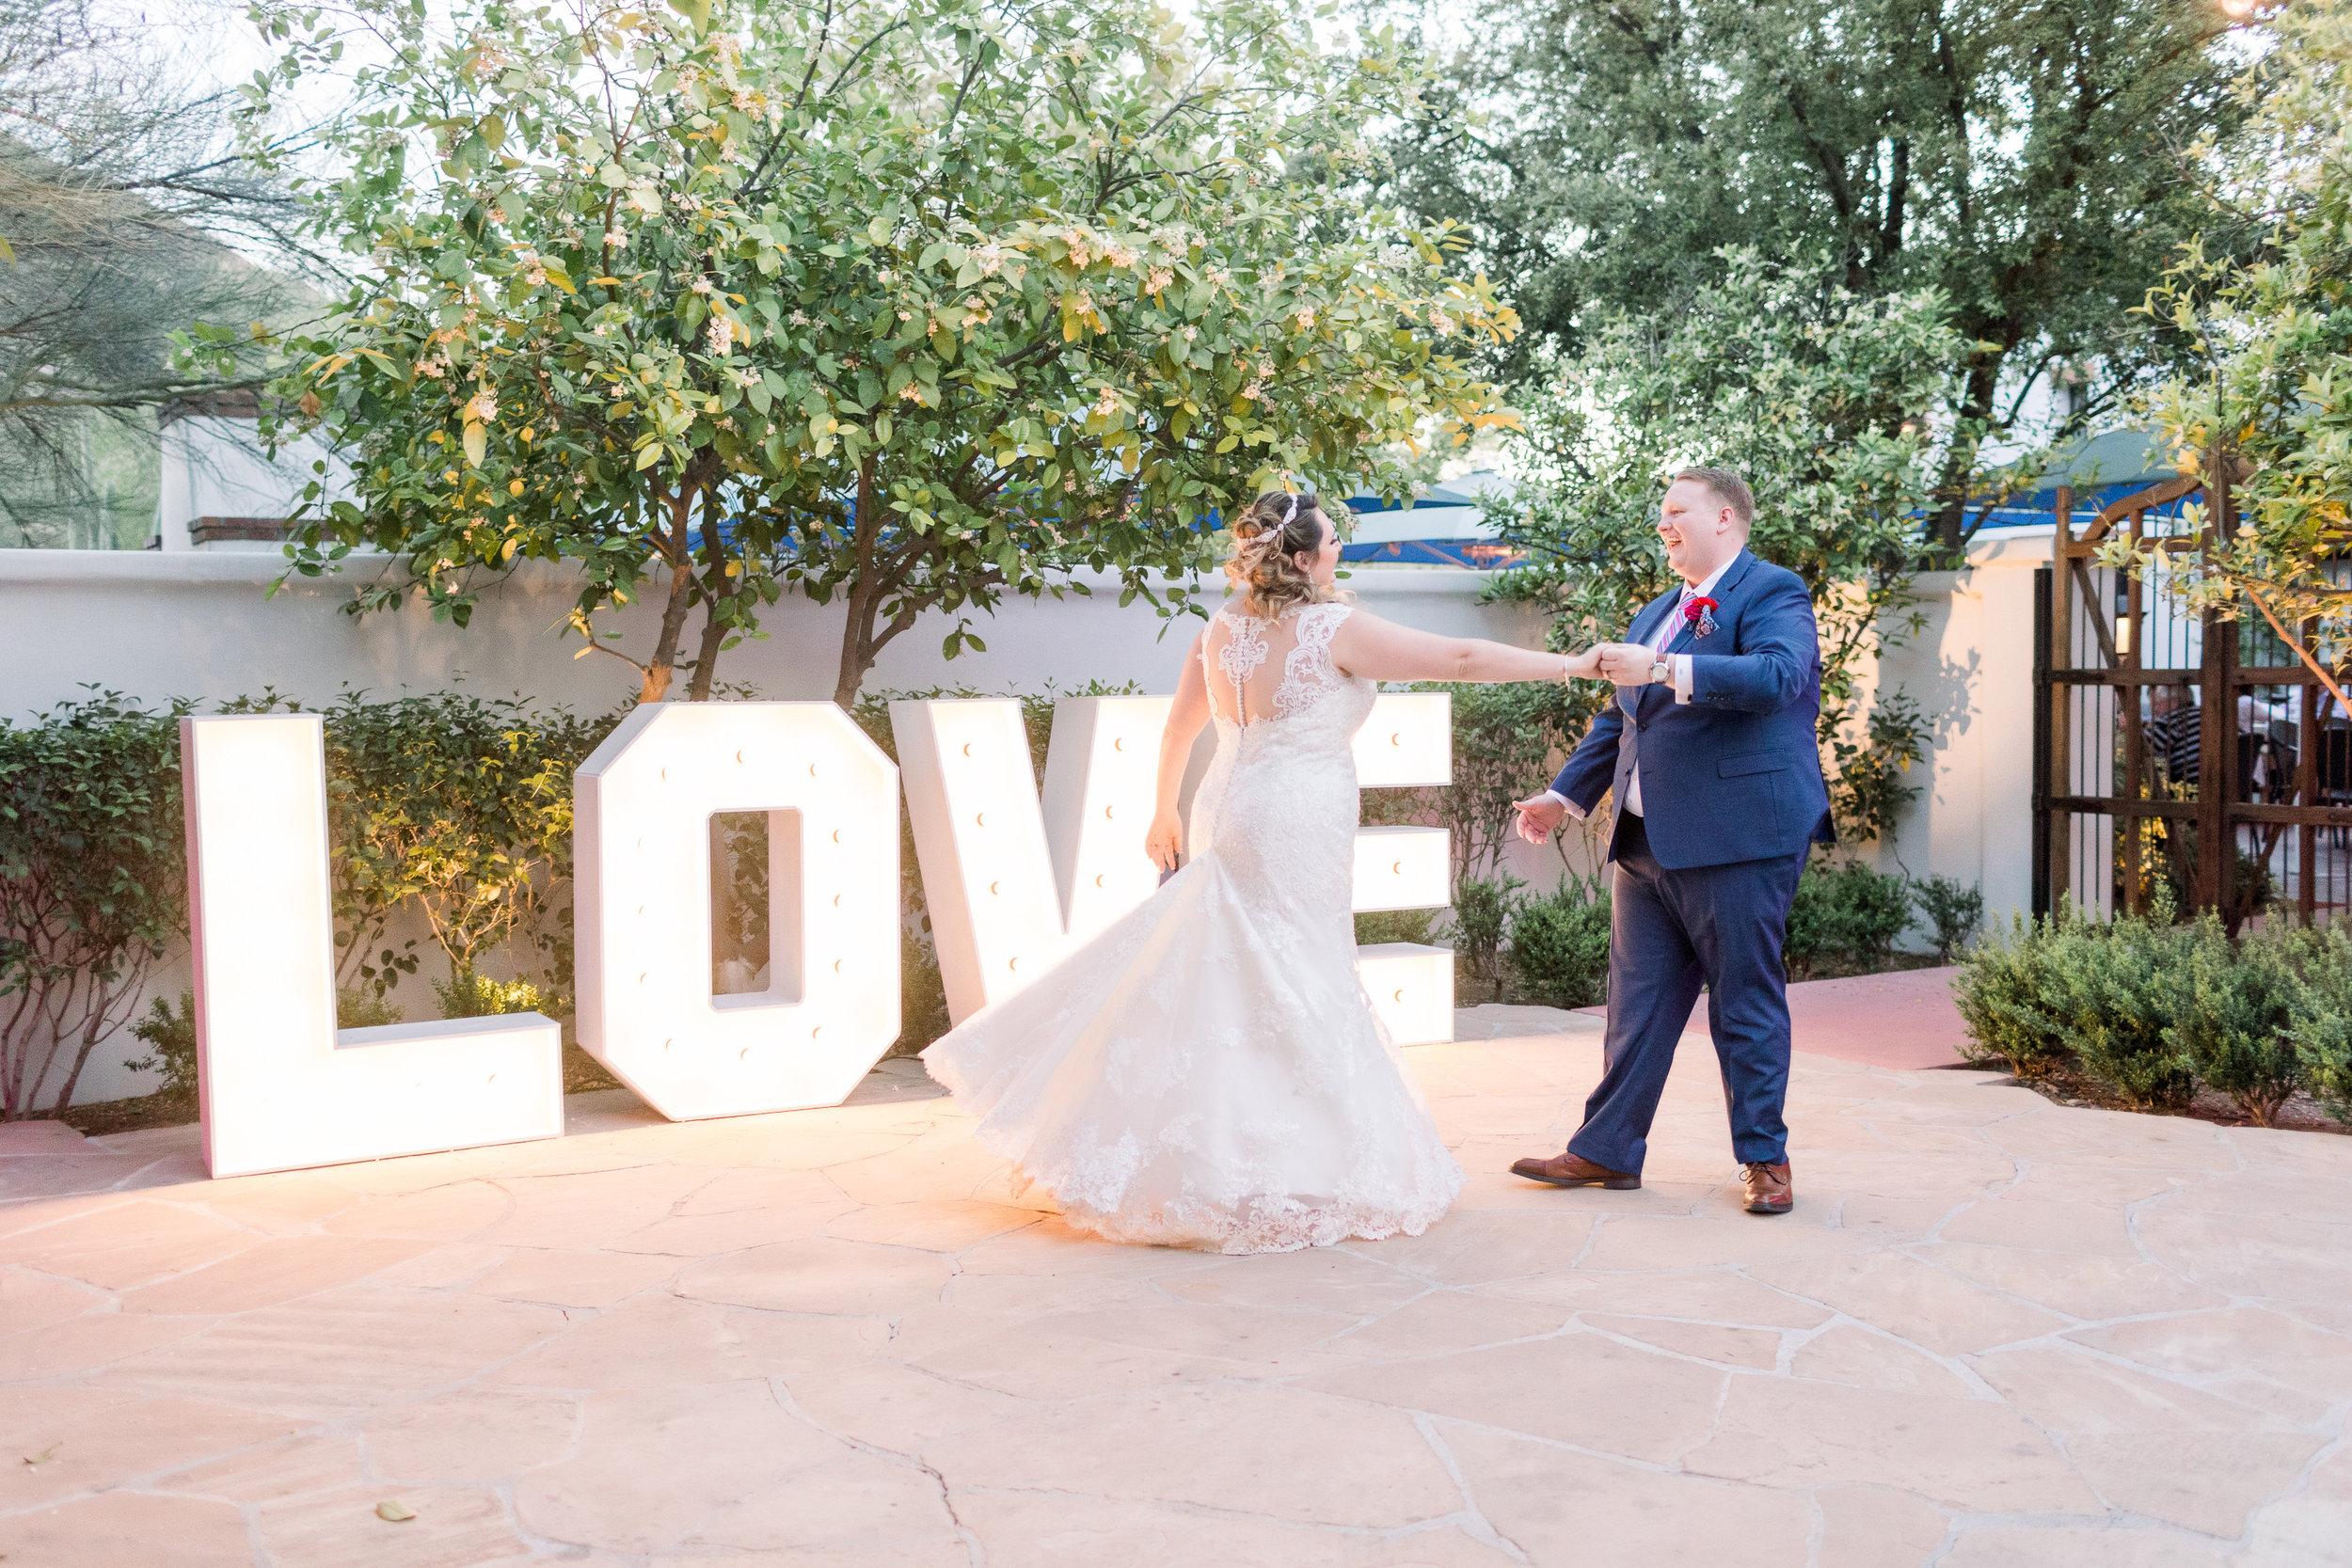 2019.03.30 Roxanne & Brandon Wedding  583.JPG